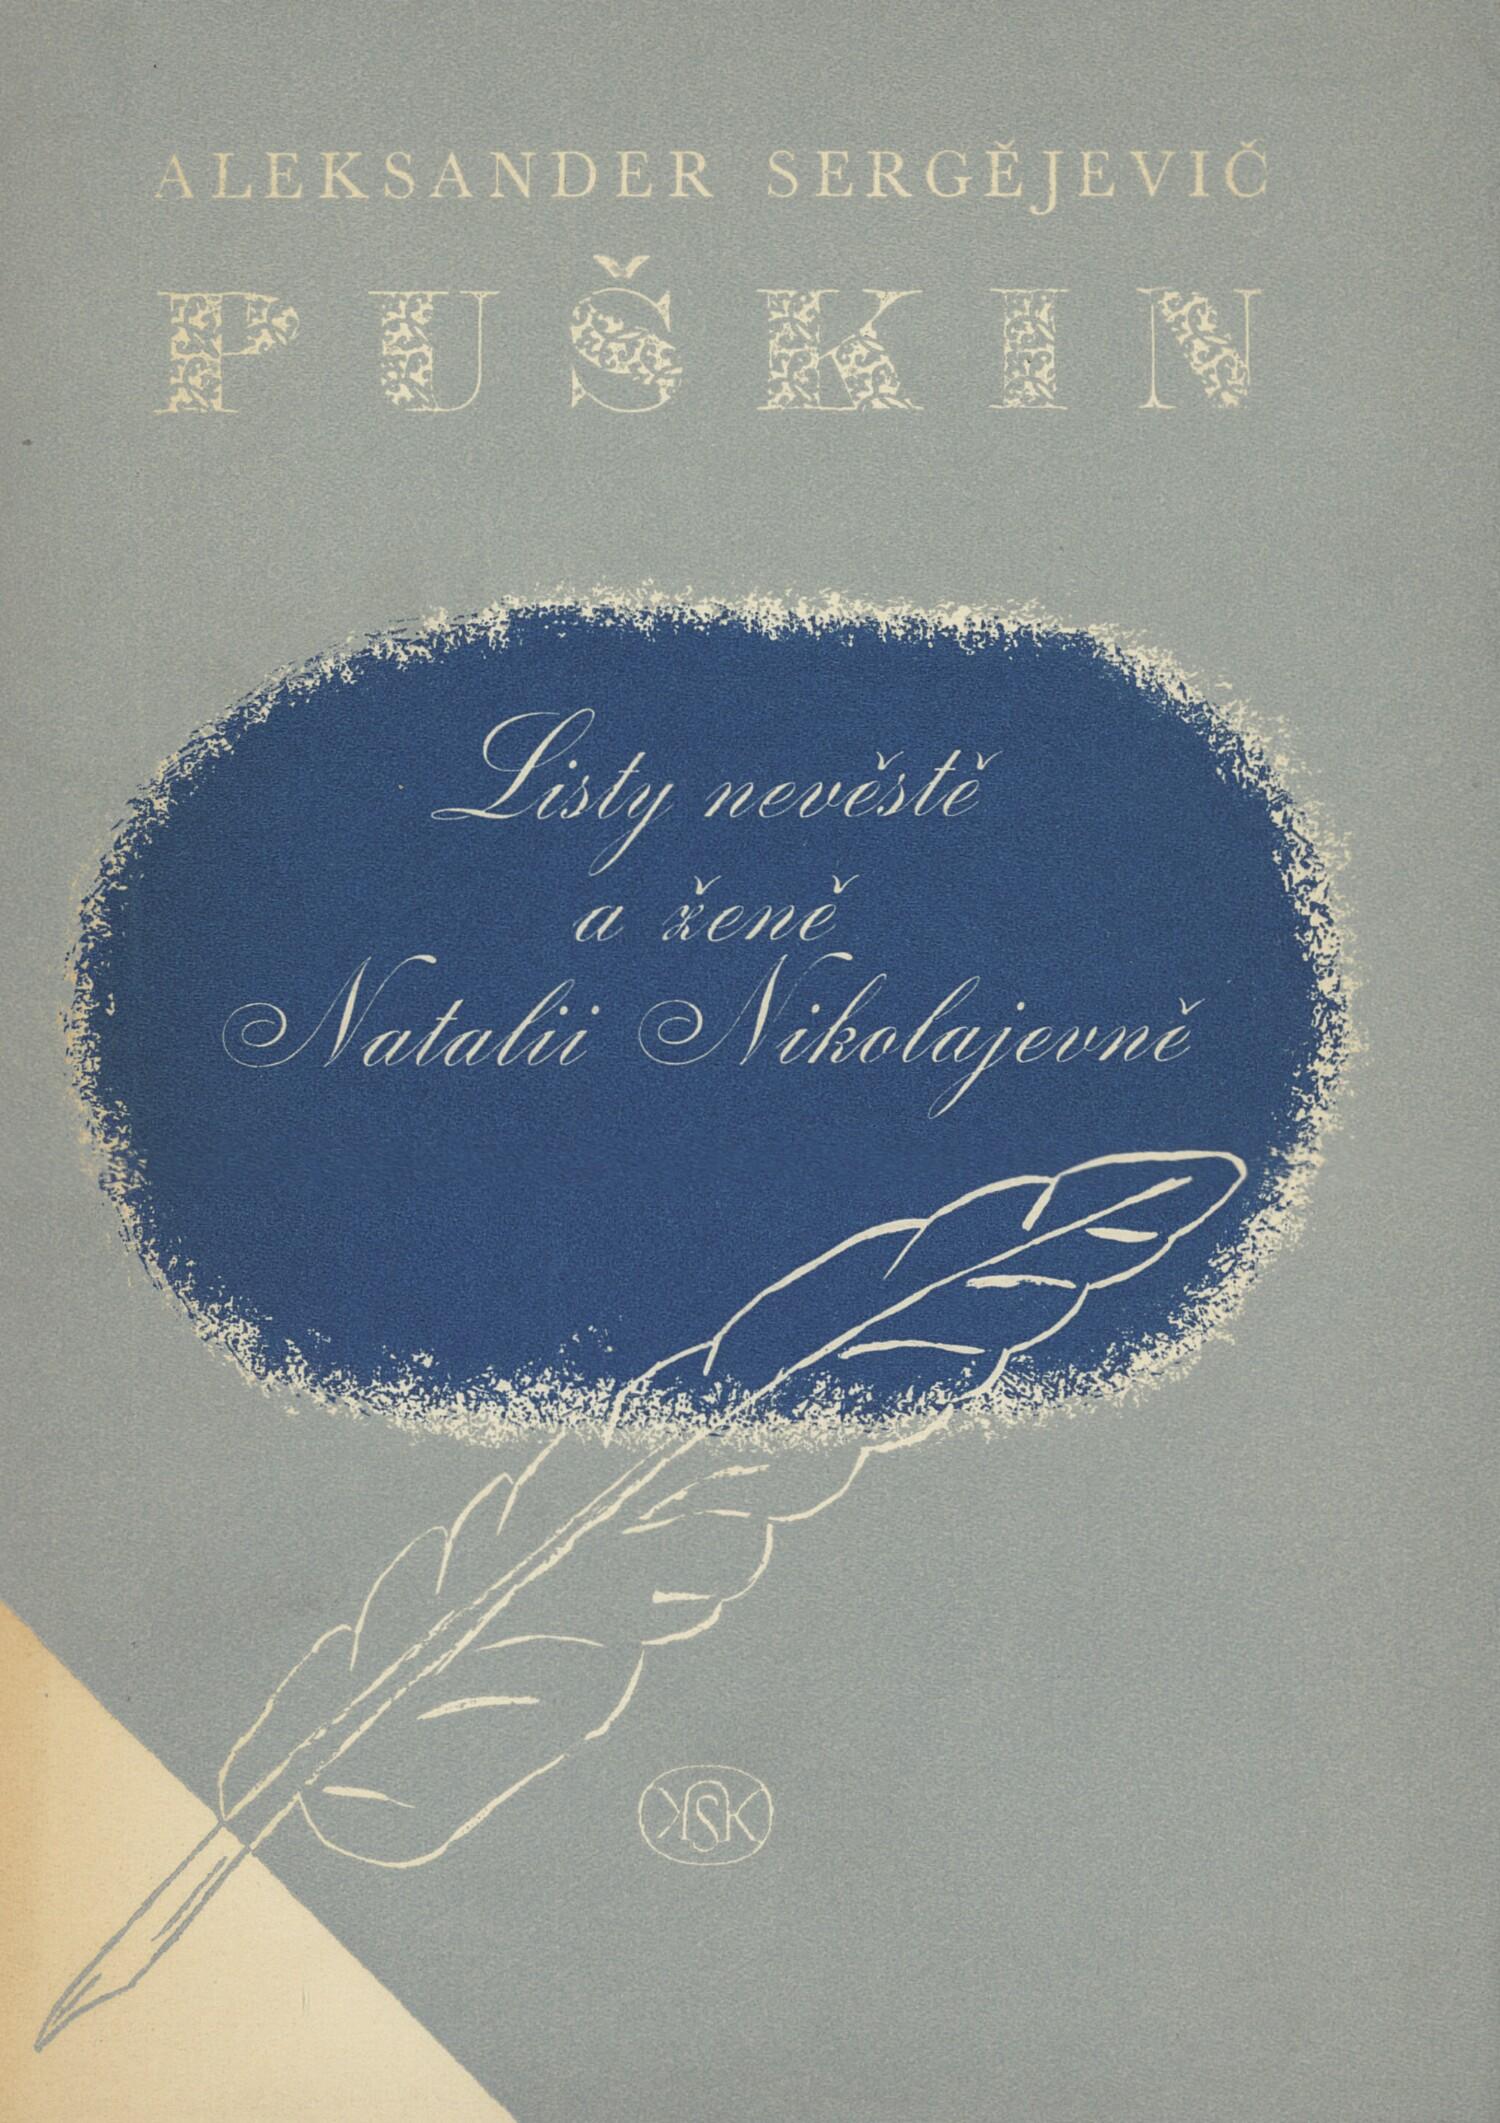 Listy nevěstě a ženě Natalii Nikolajevně